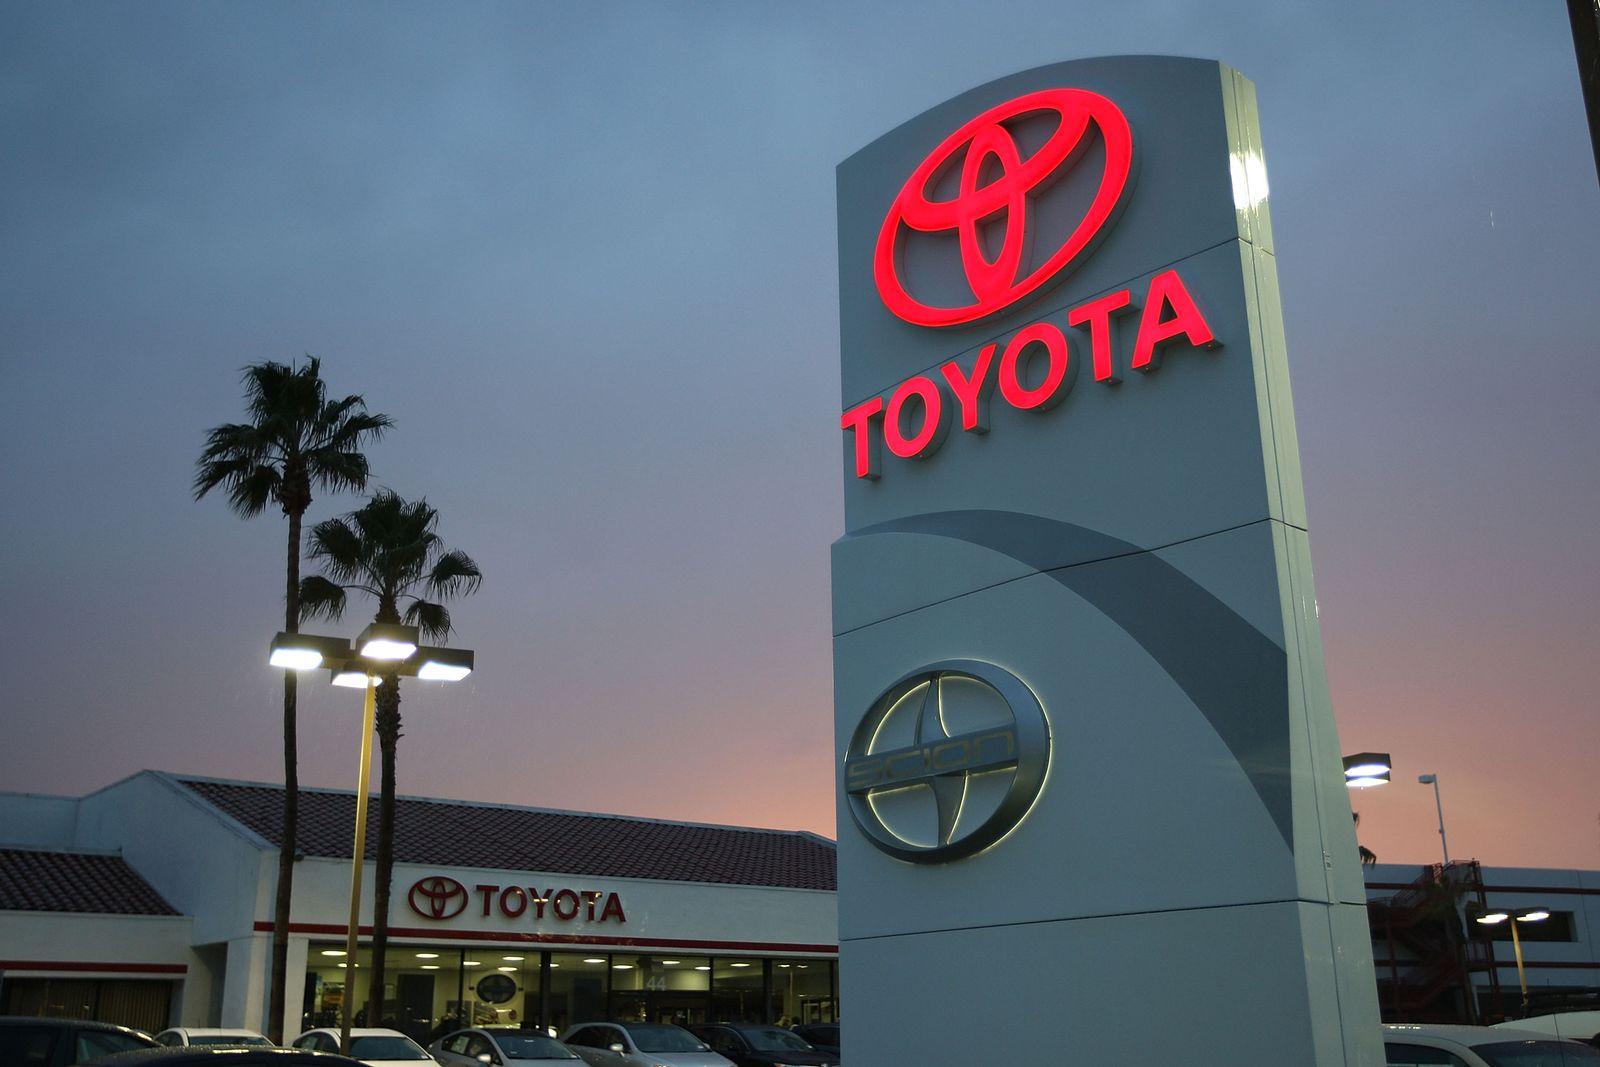 Toyota-Händler in Tustin, Kalifornien